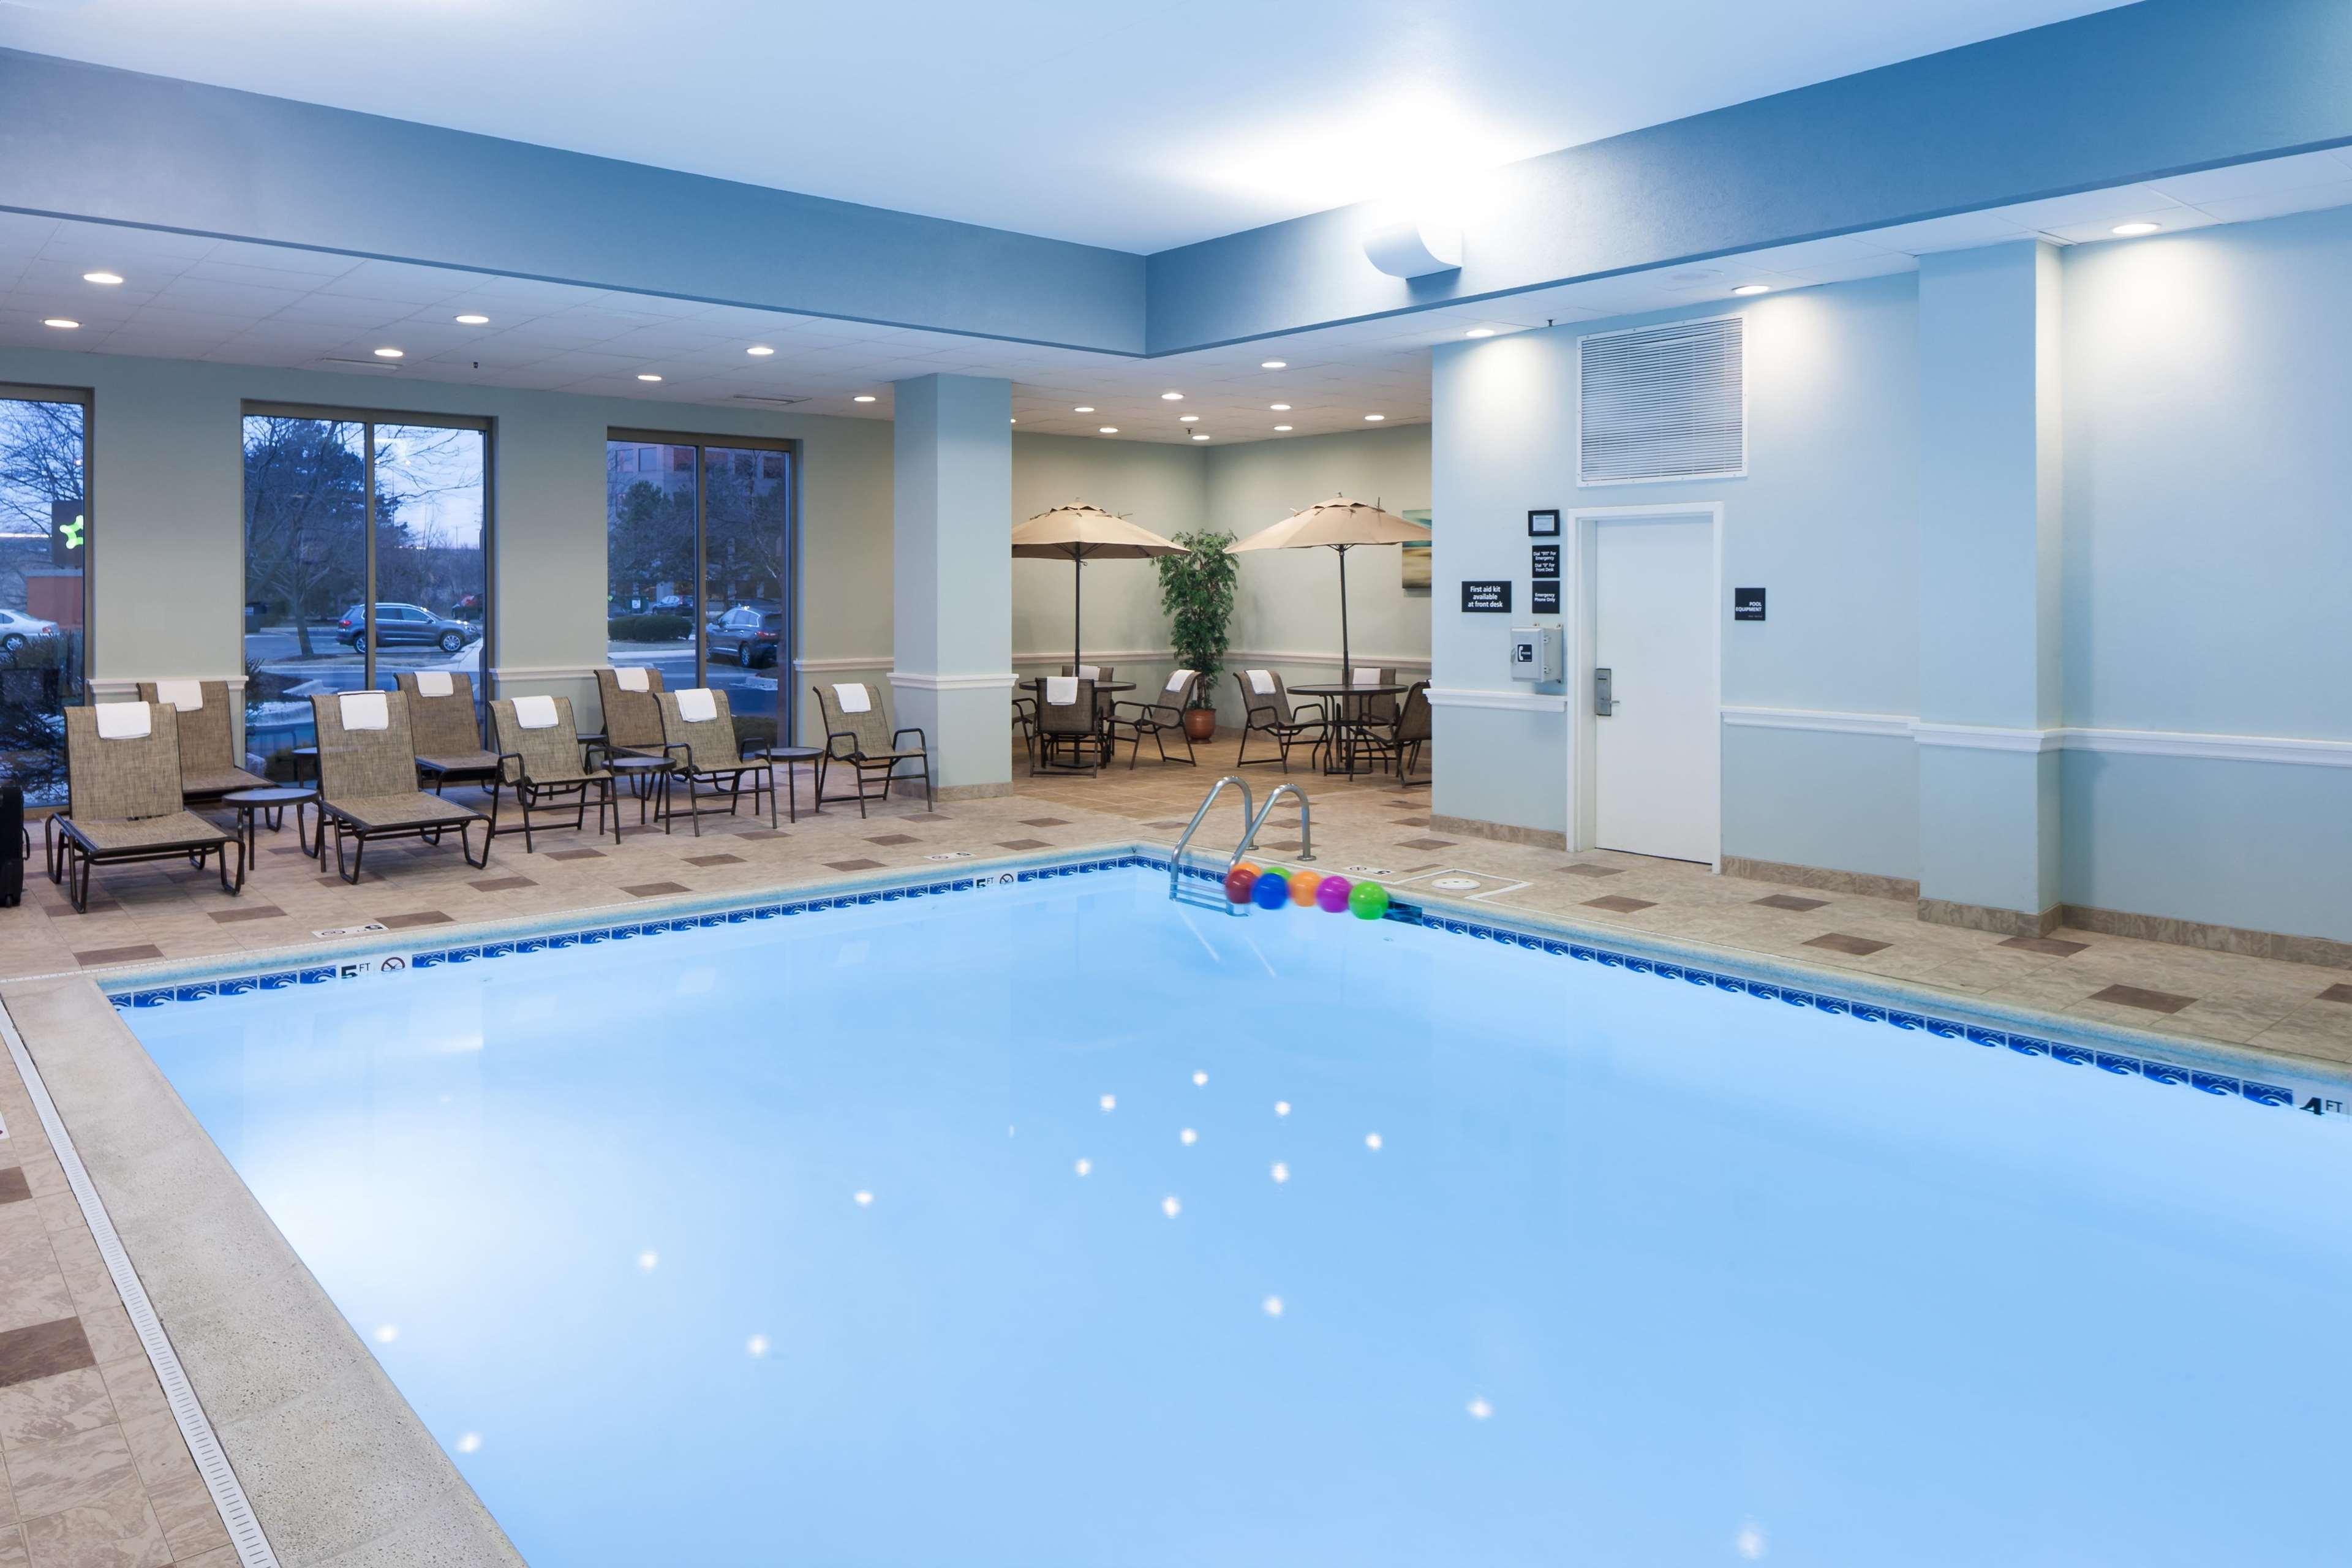 Hampton Inn & Suites Chicago-North Shore/Skokie image 21